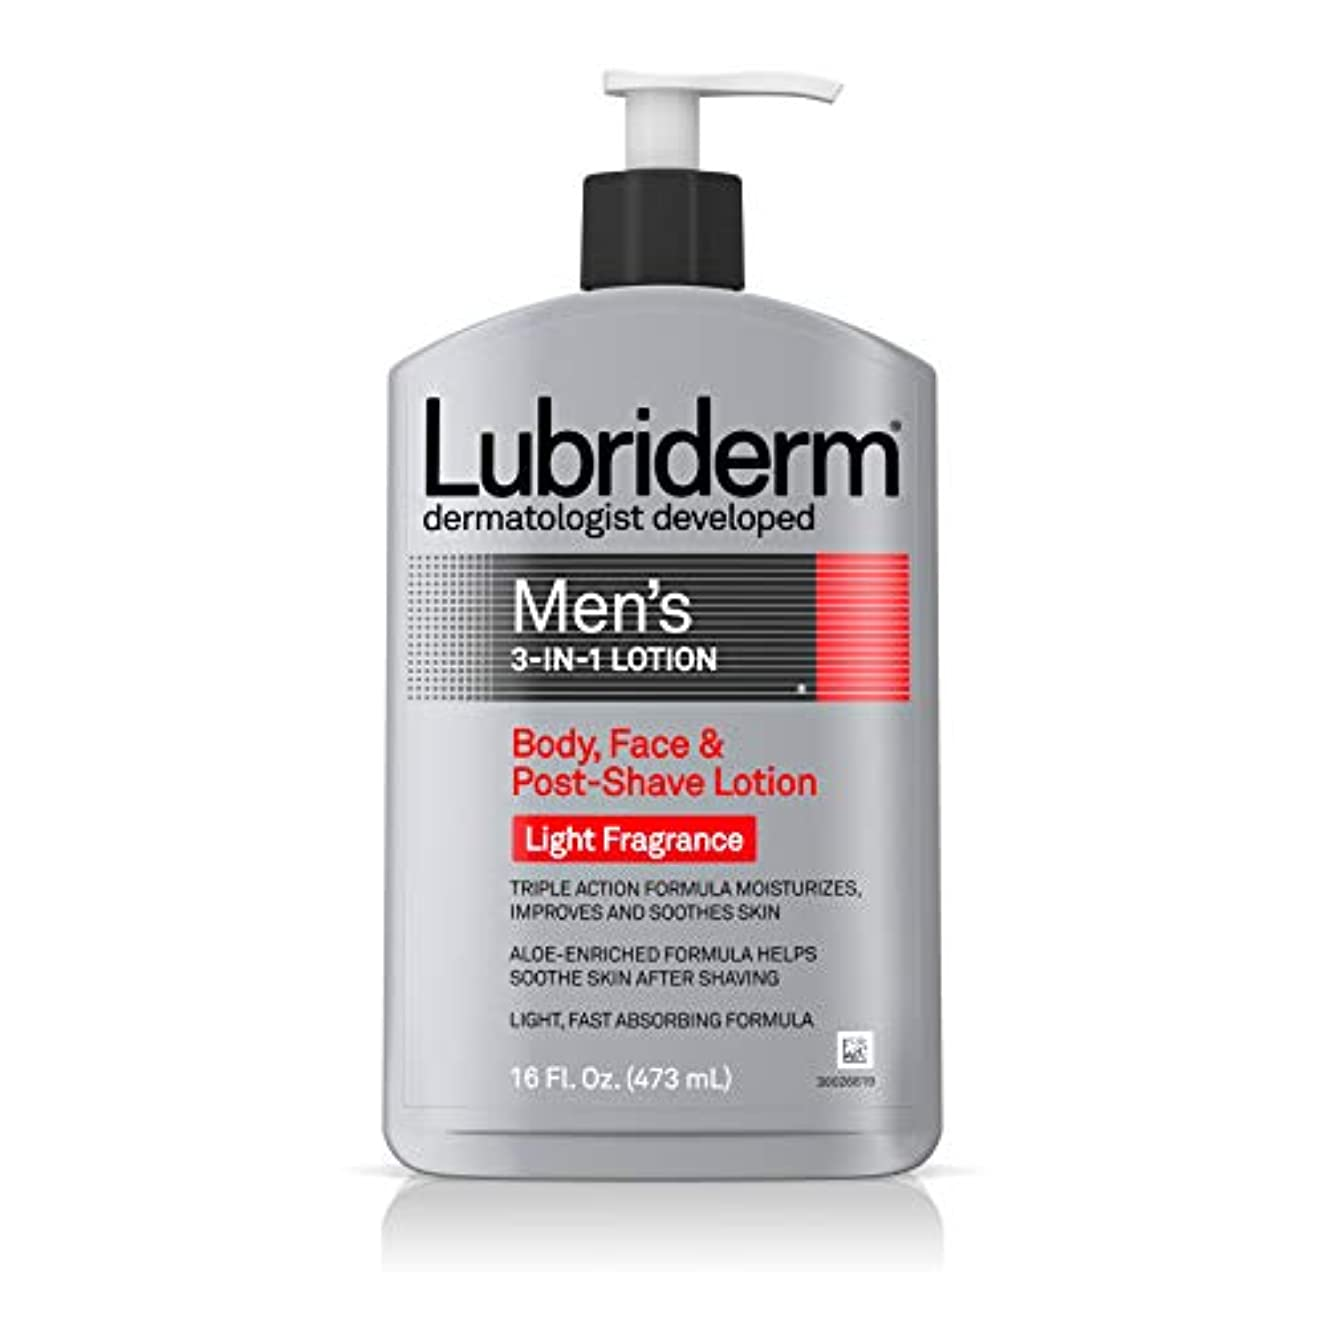 不十分な受付忌避剤Lubriderm メンズ3-IN-1ボディローションライトフレグランスで、16フロリダ。オズ